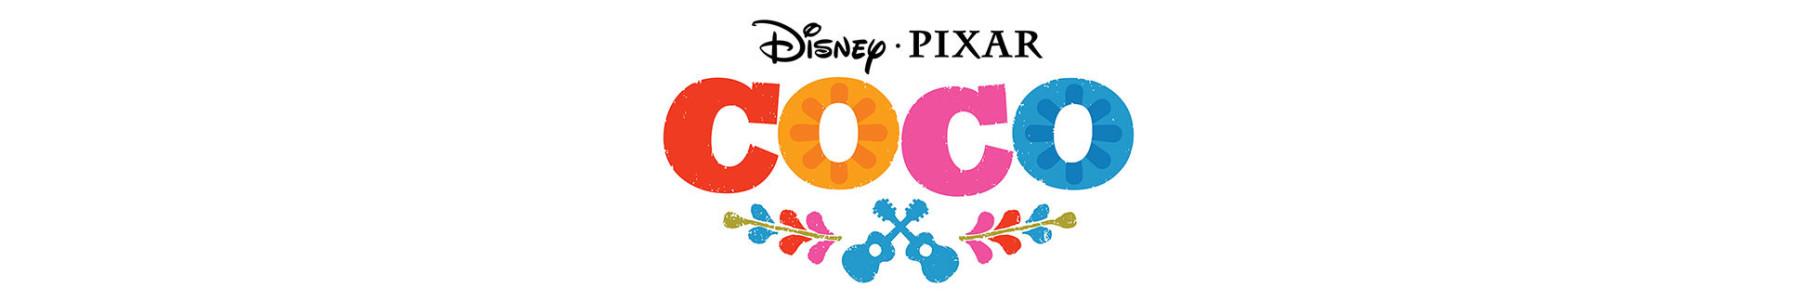 Articole party Coco - Disney